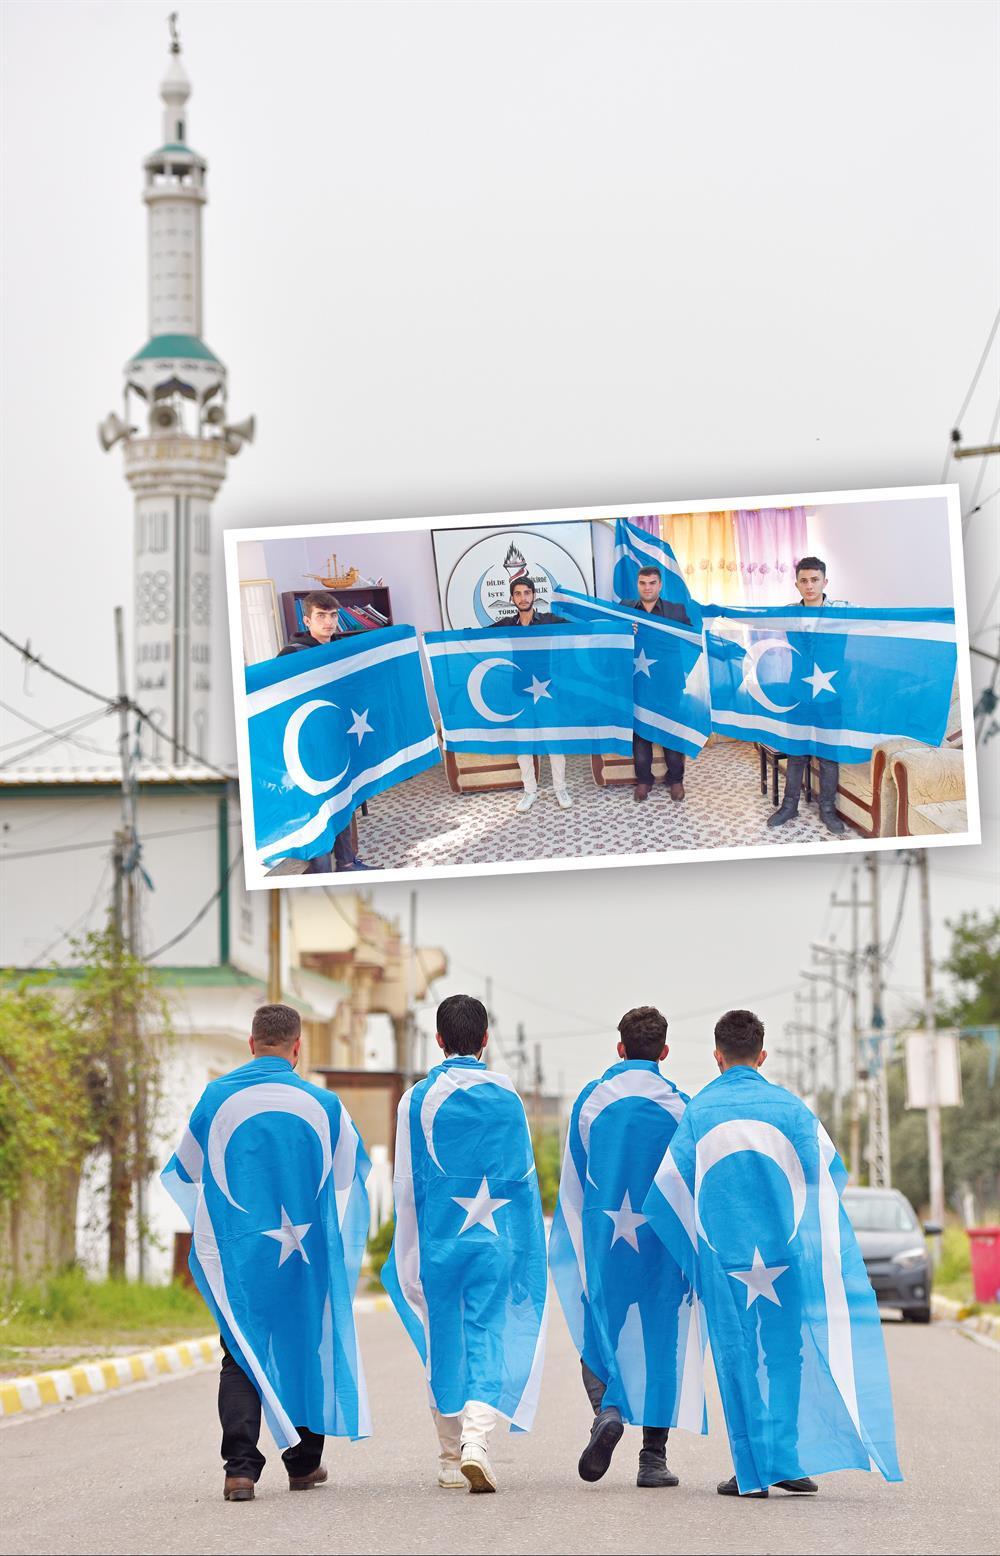 Kerkük Üniversitesi karışırsa memleketin de karışacağını iddia eden üniversiteli gençler, Kürt öğrencilerin okula silahla çok rahat girebildiğini söylüyor.